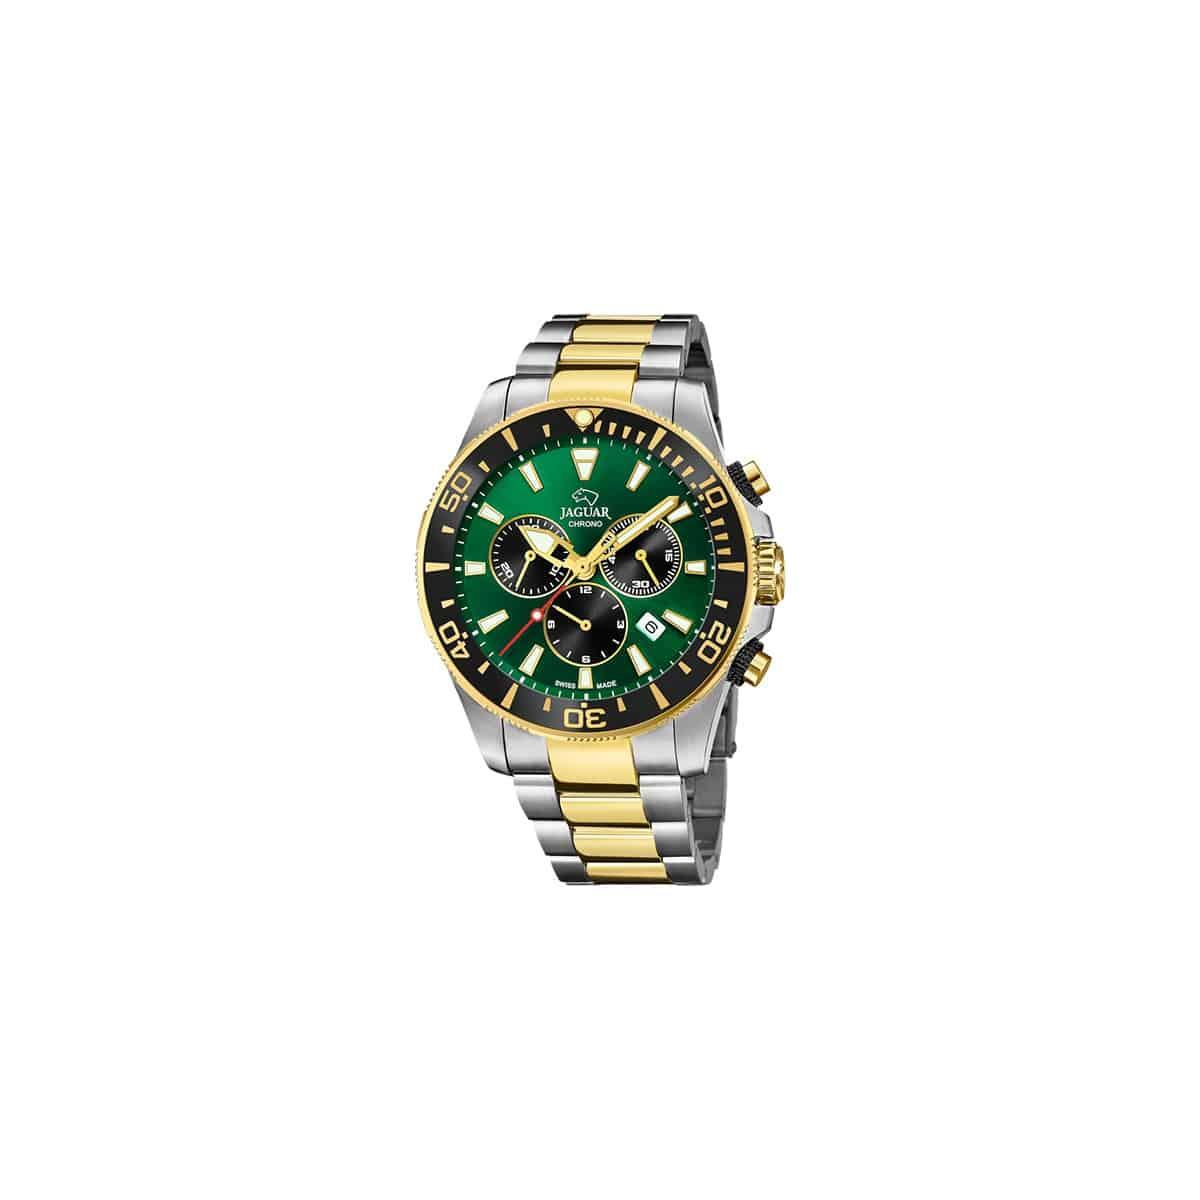 Jaguar Watches Review